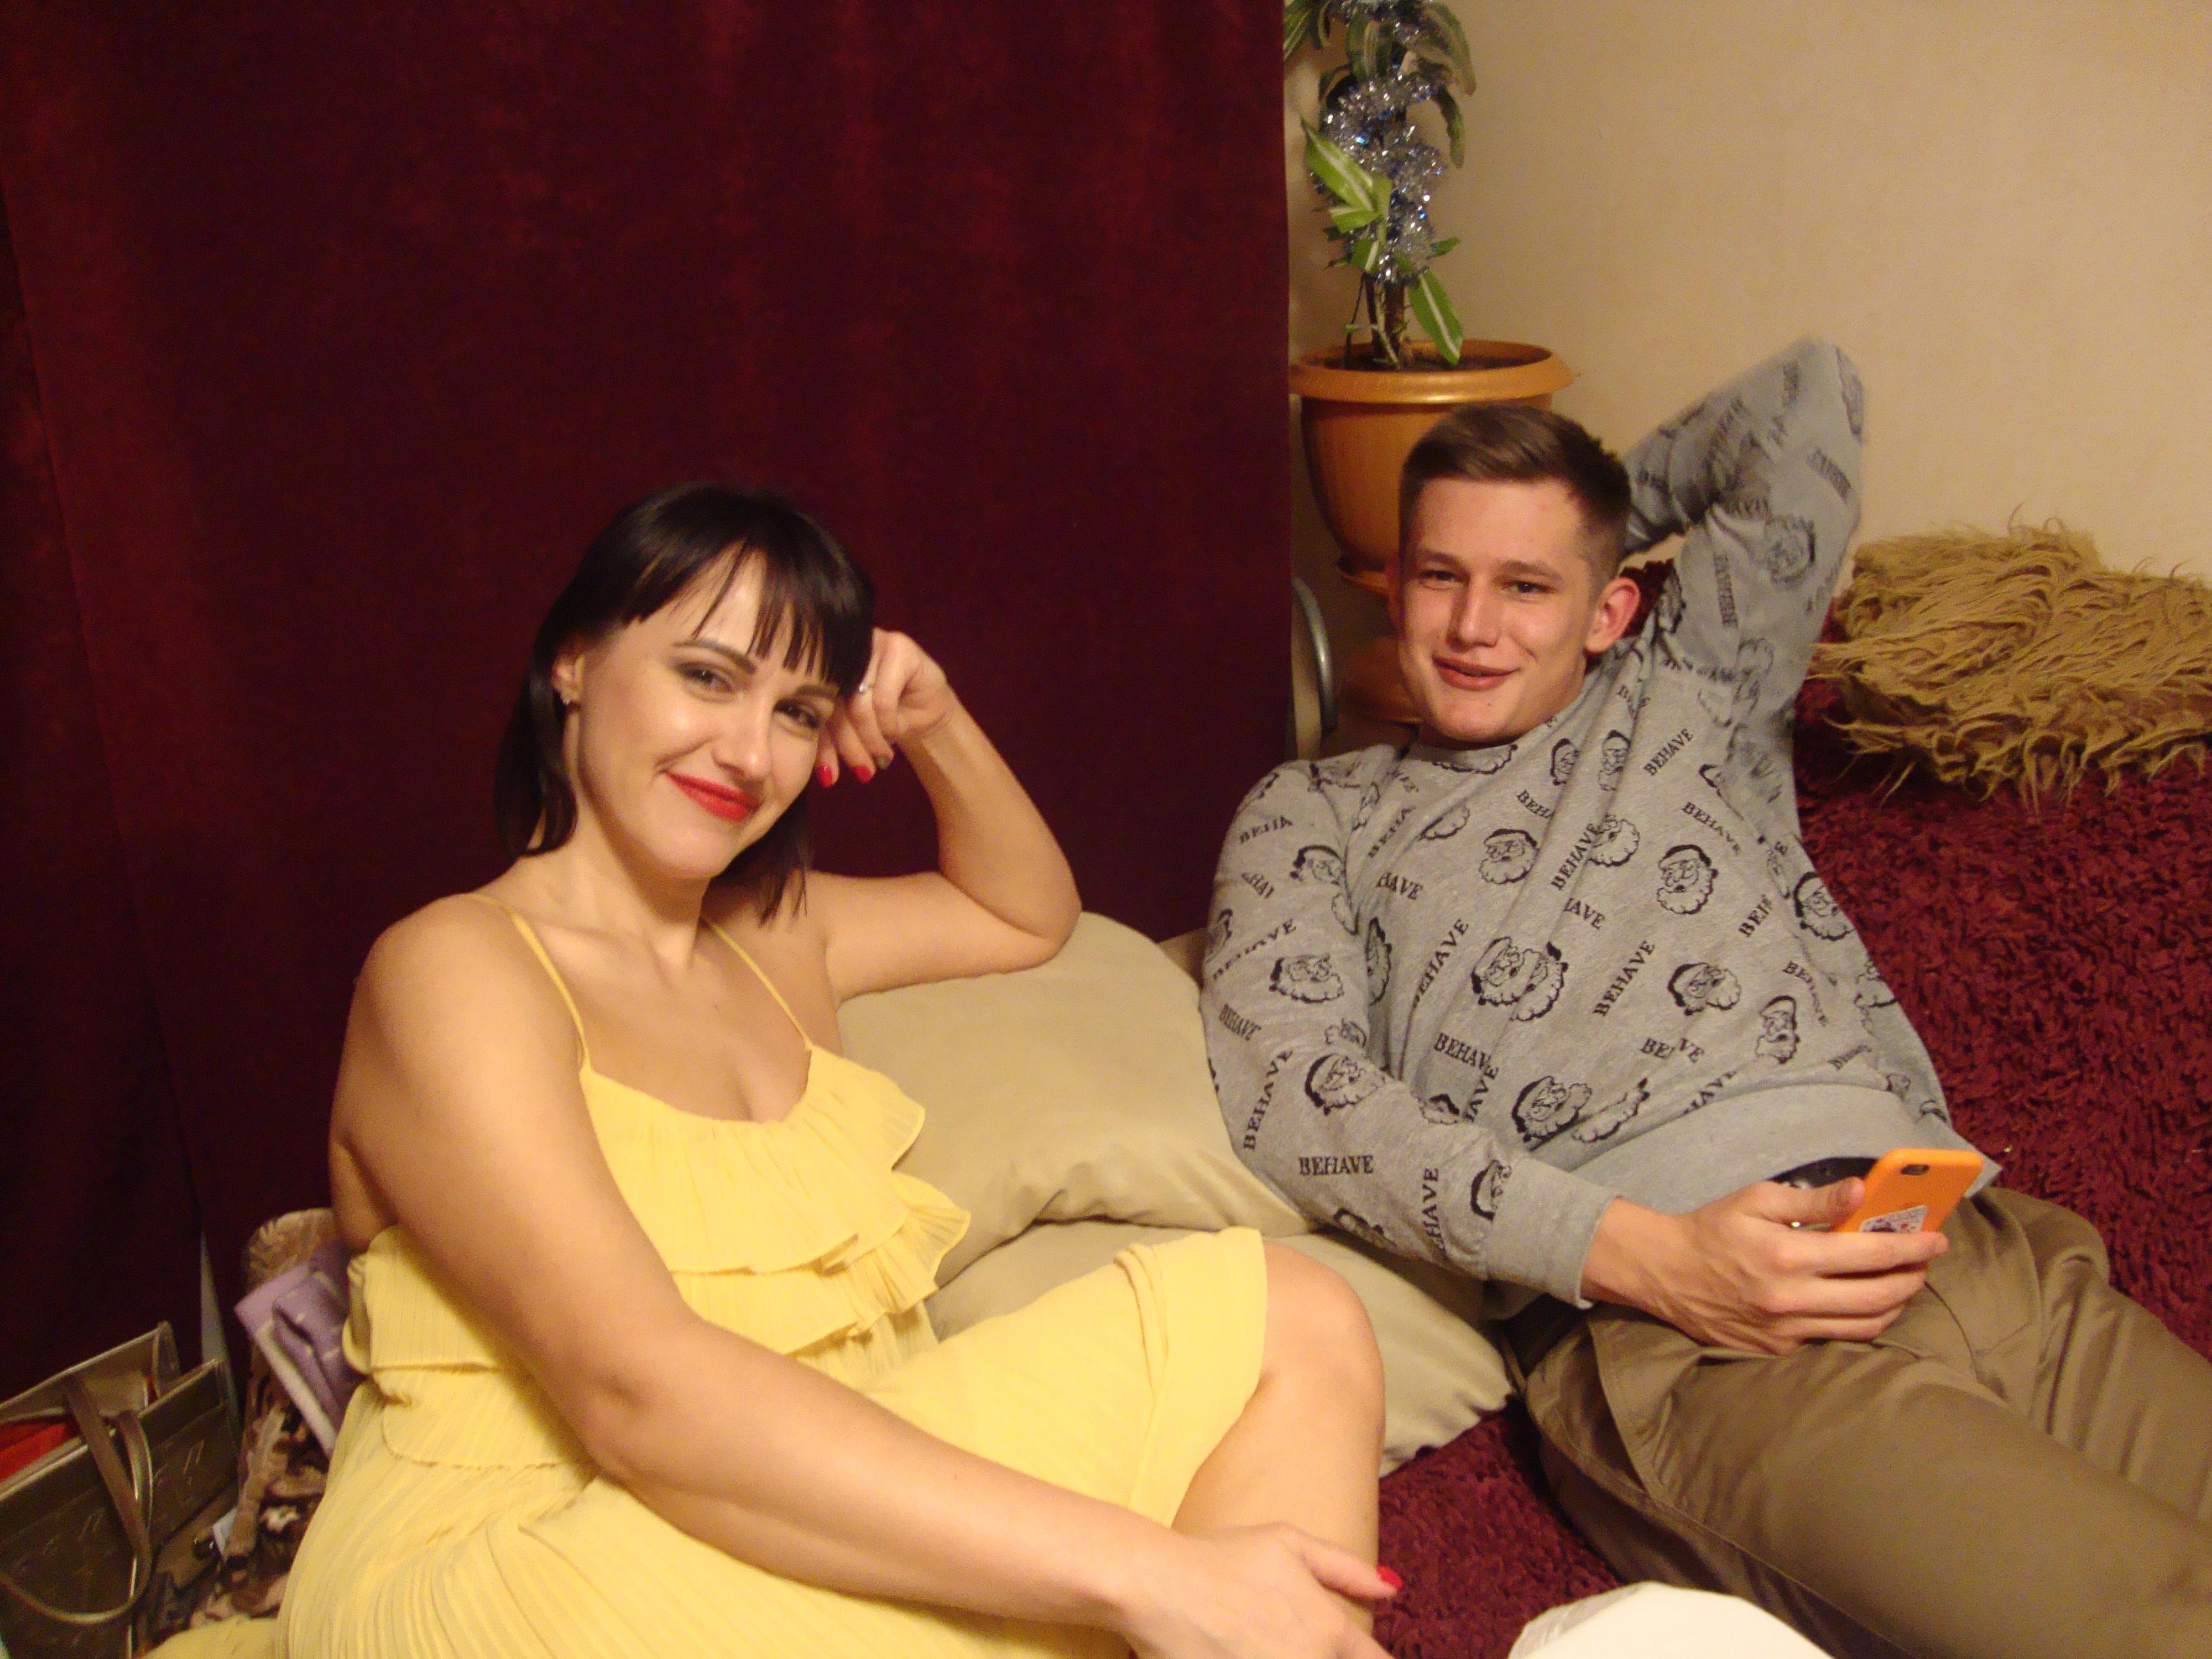 Сын трахается с грудастой мамой, Секс с мамой » Порно мамочки онлайн Full HD 4 фотография